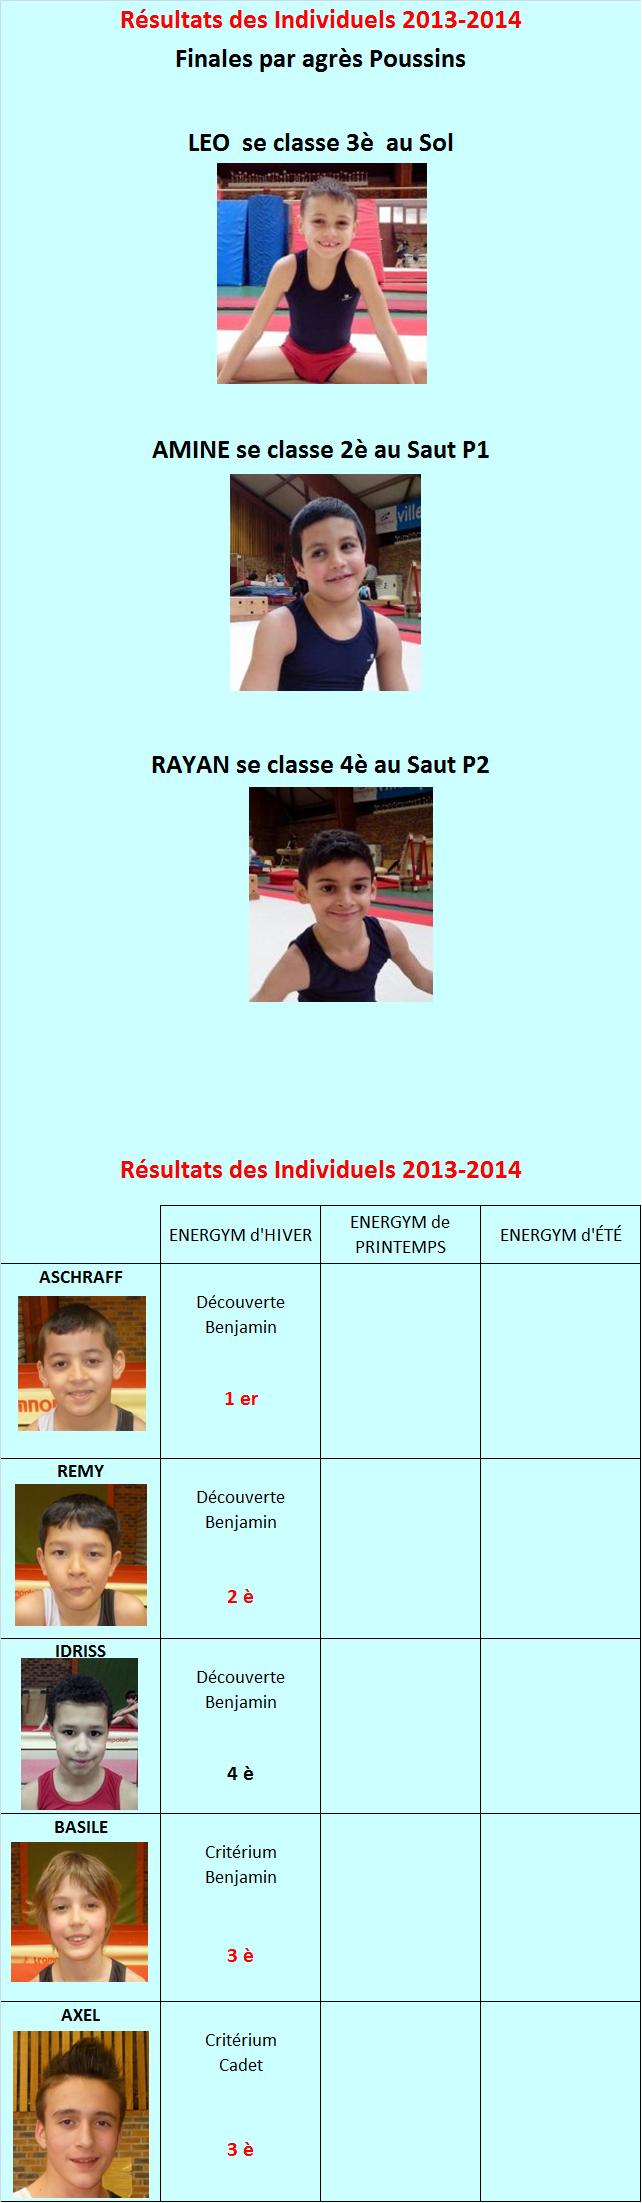 Résultats Individuels 2014 Finalités Régionale et Interrégionale